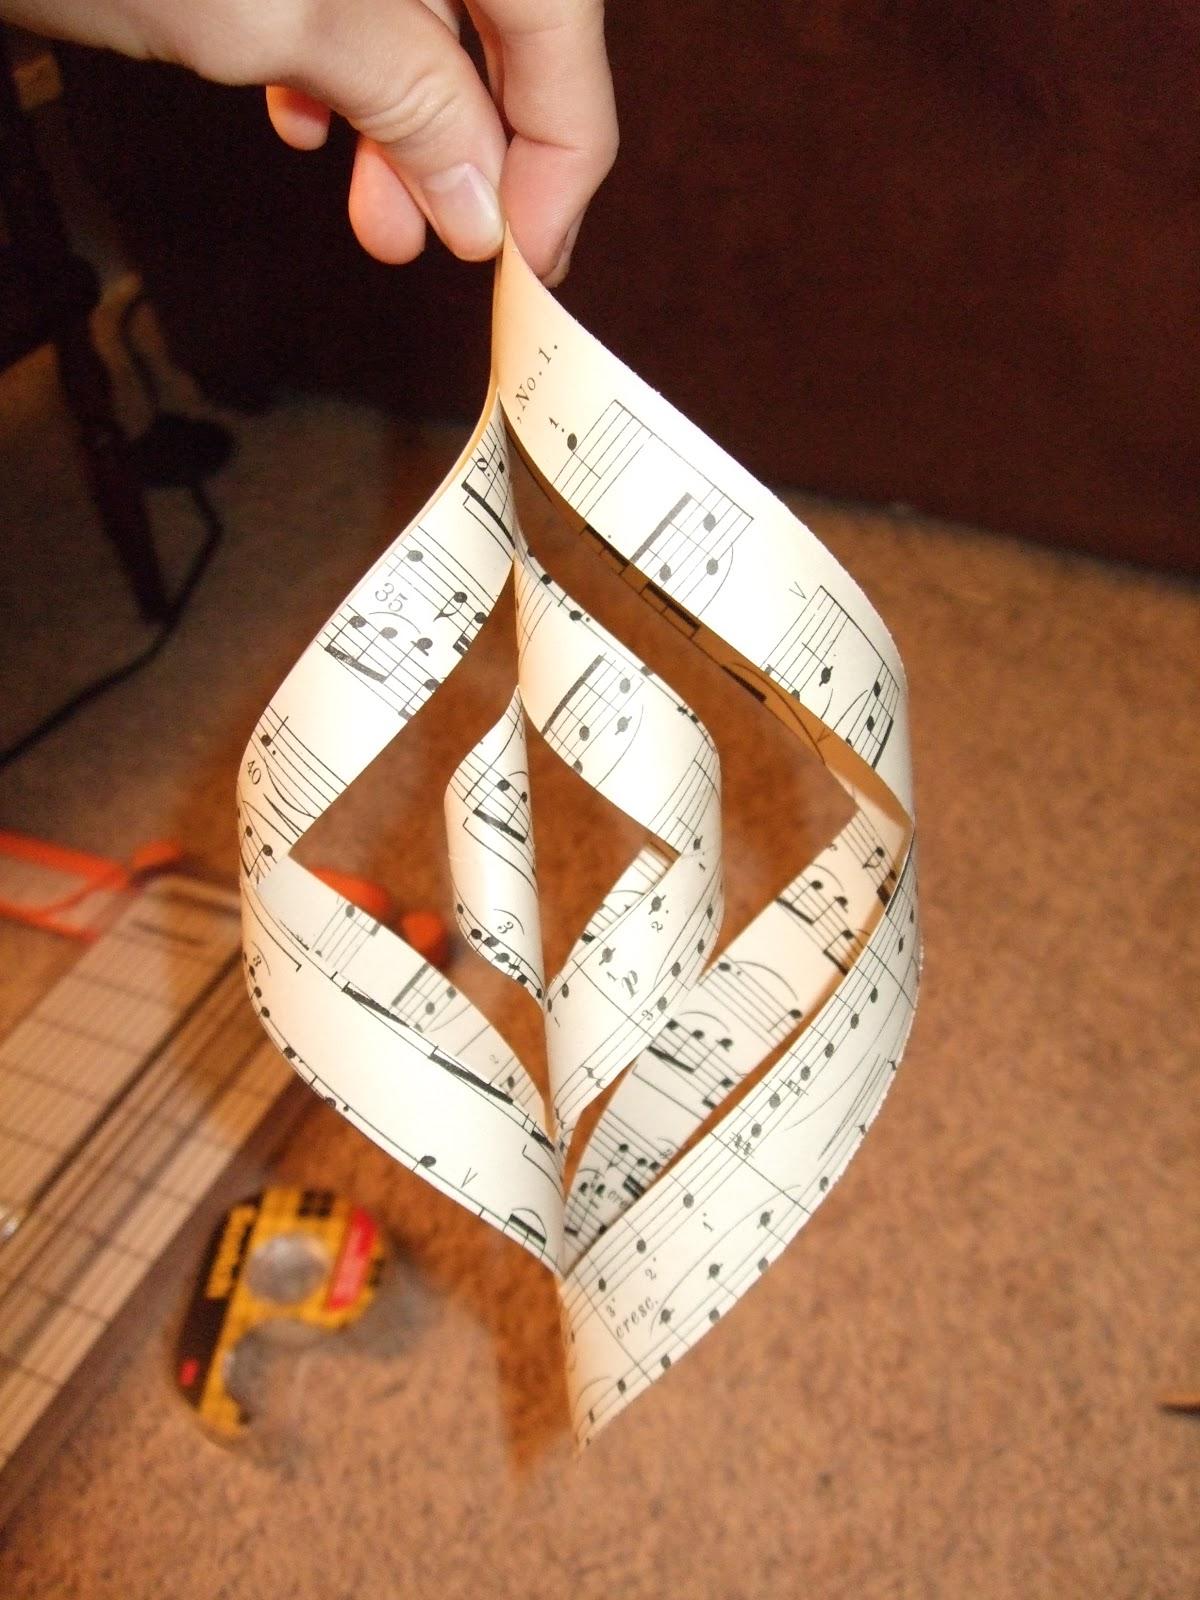 Courtney S Ideas ♫ Sheet Music Spiral Ornament